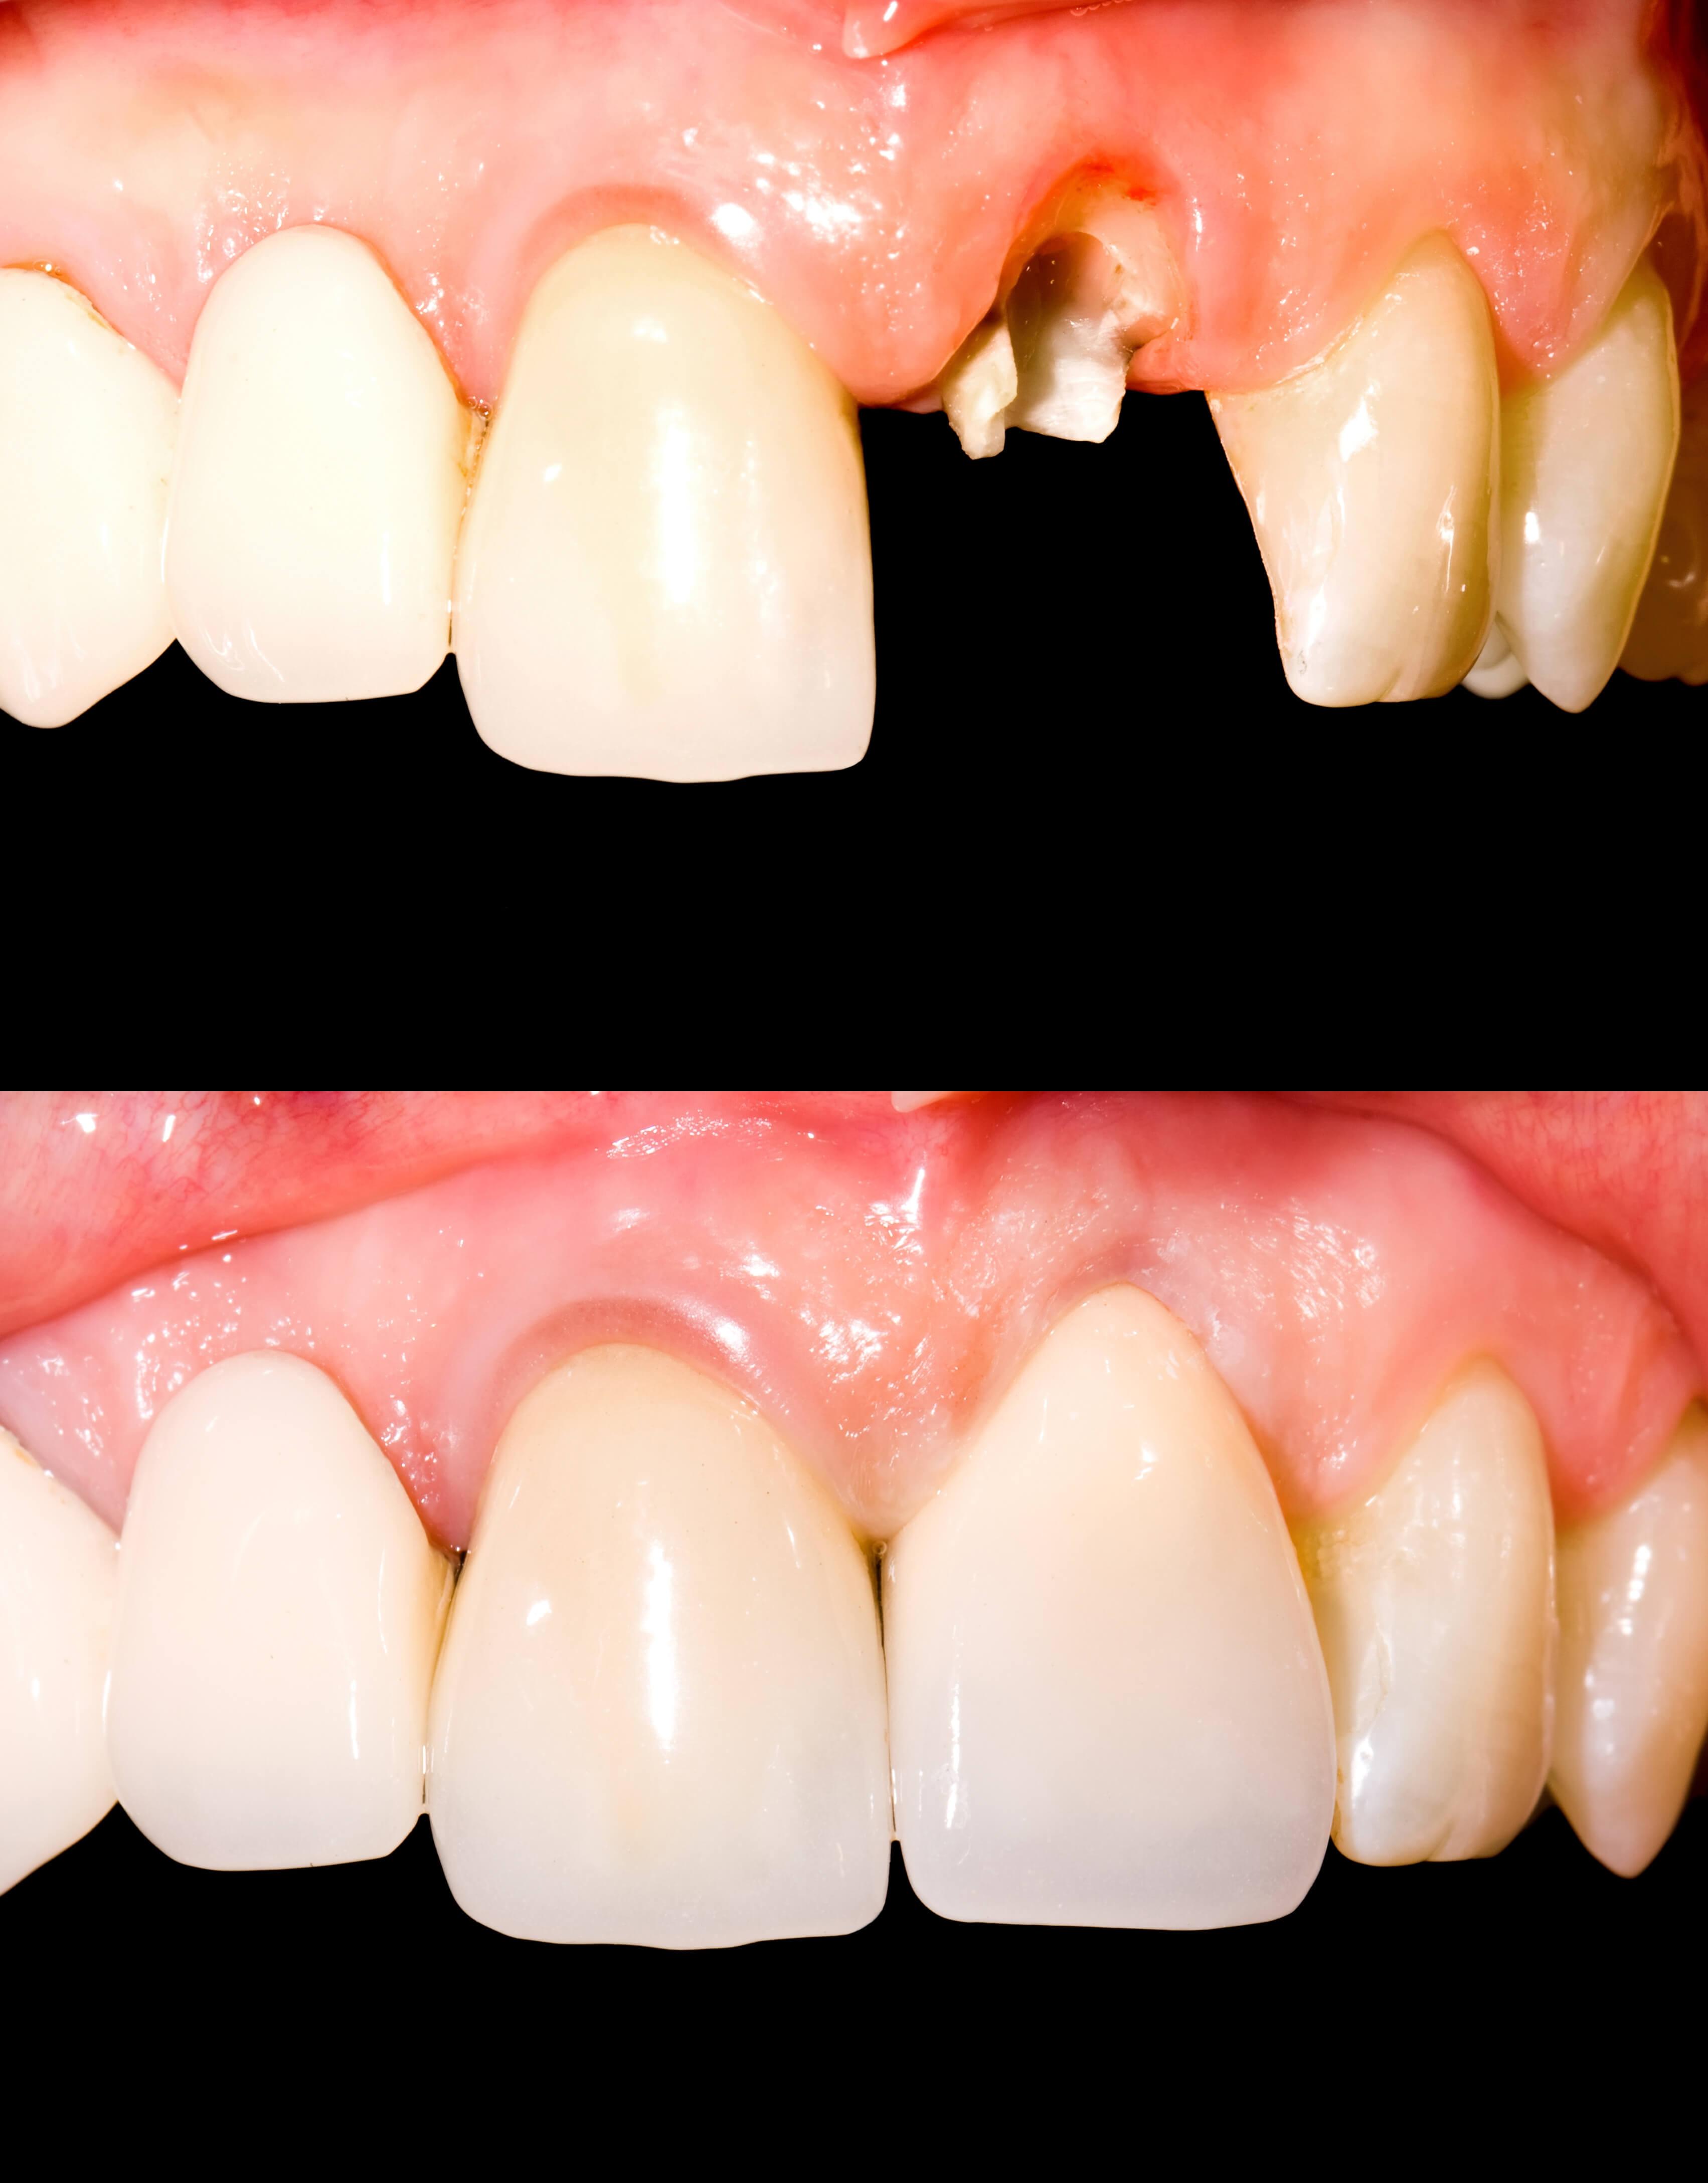 Одномоментная имплантация зуба стоимость